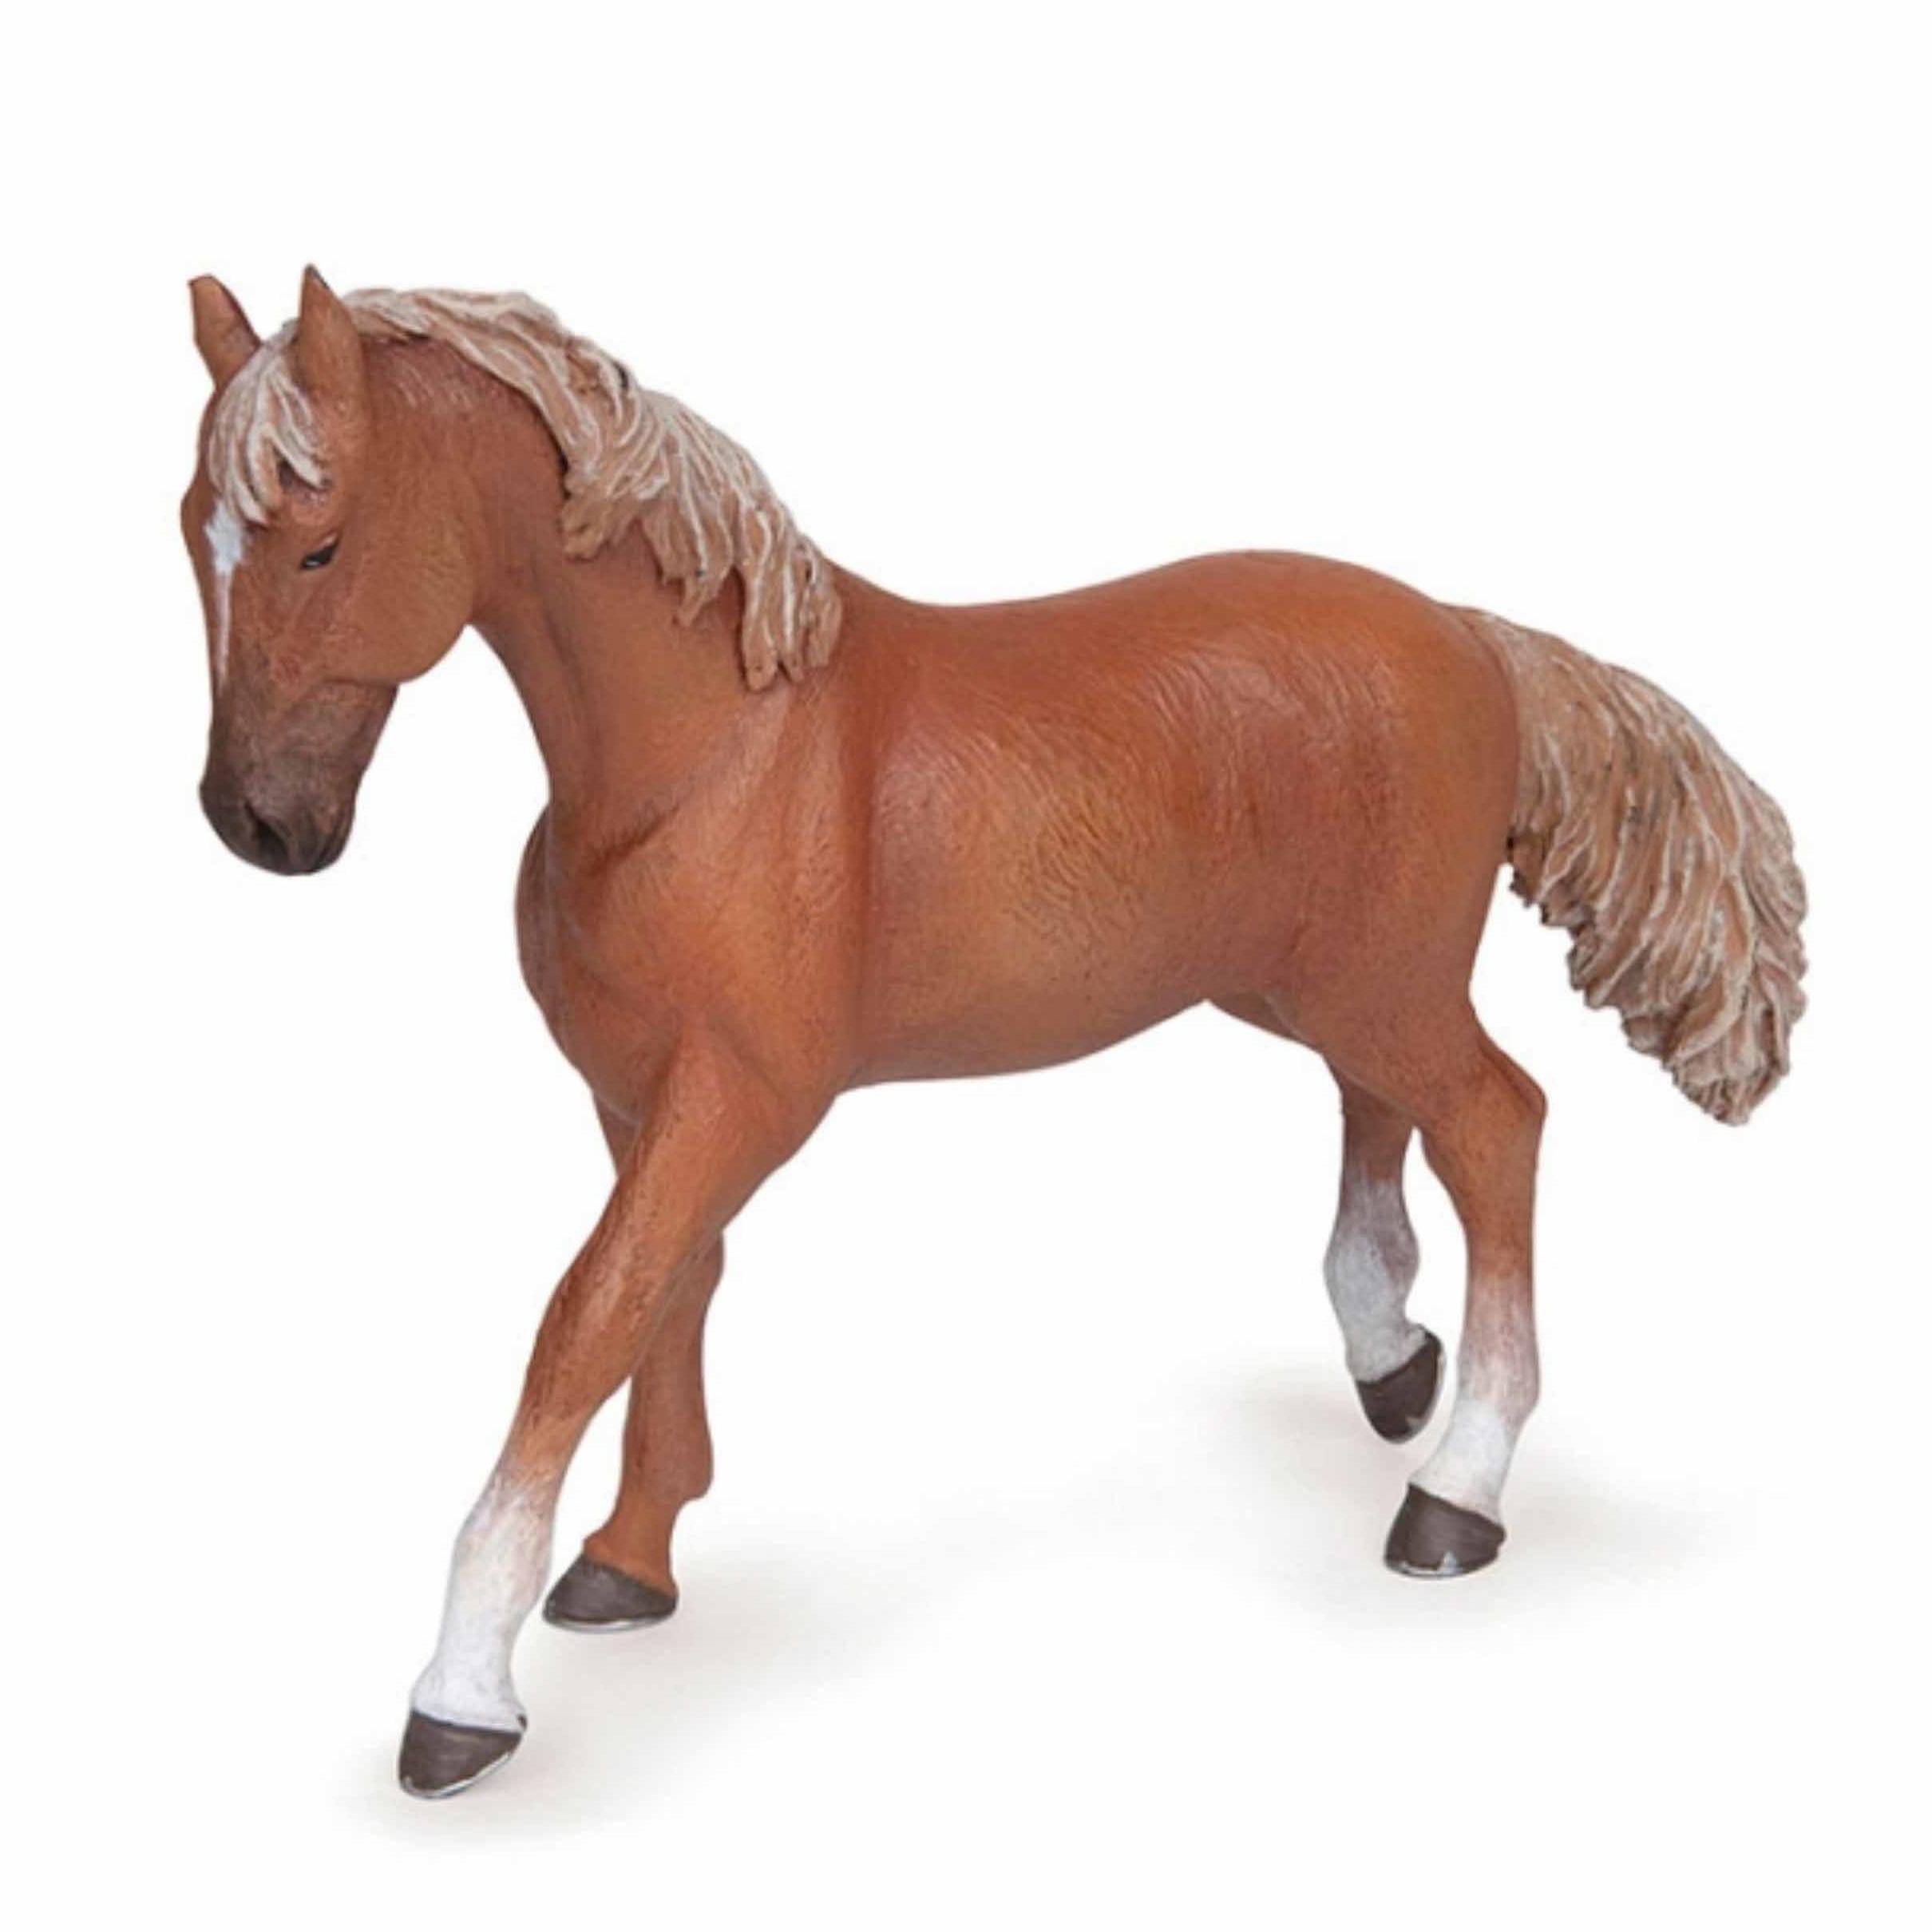 Plastic speelgoed figuur Engelse volbloed 14,5 cm